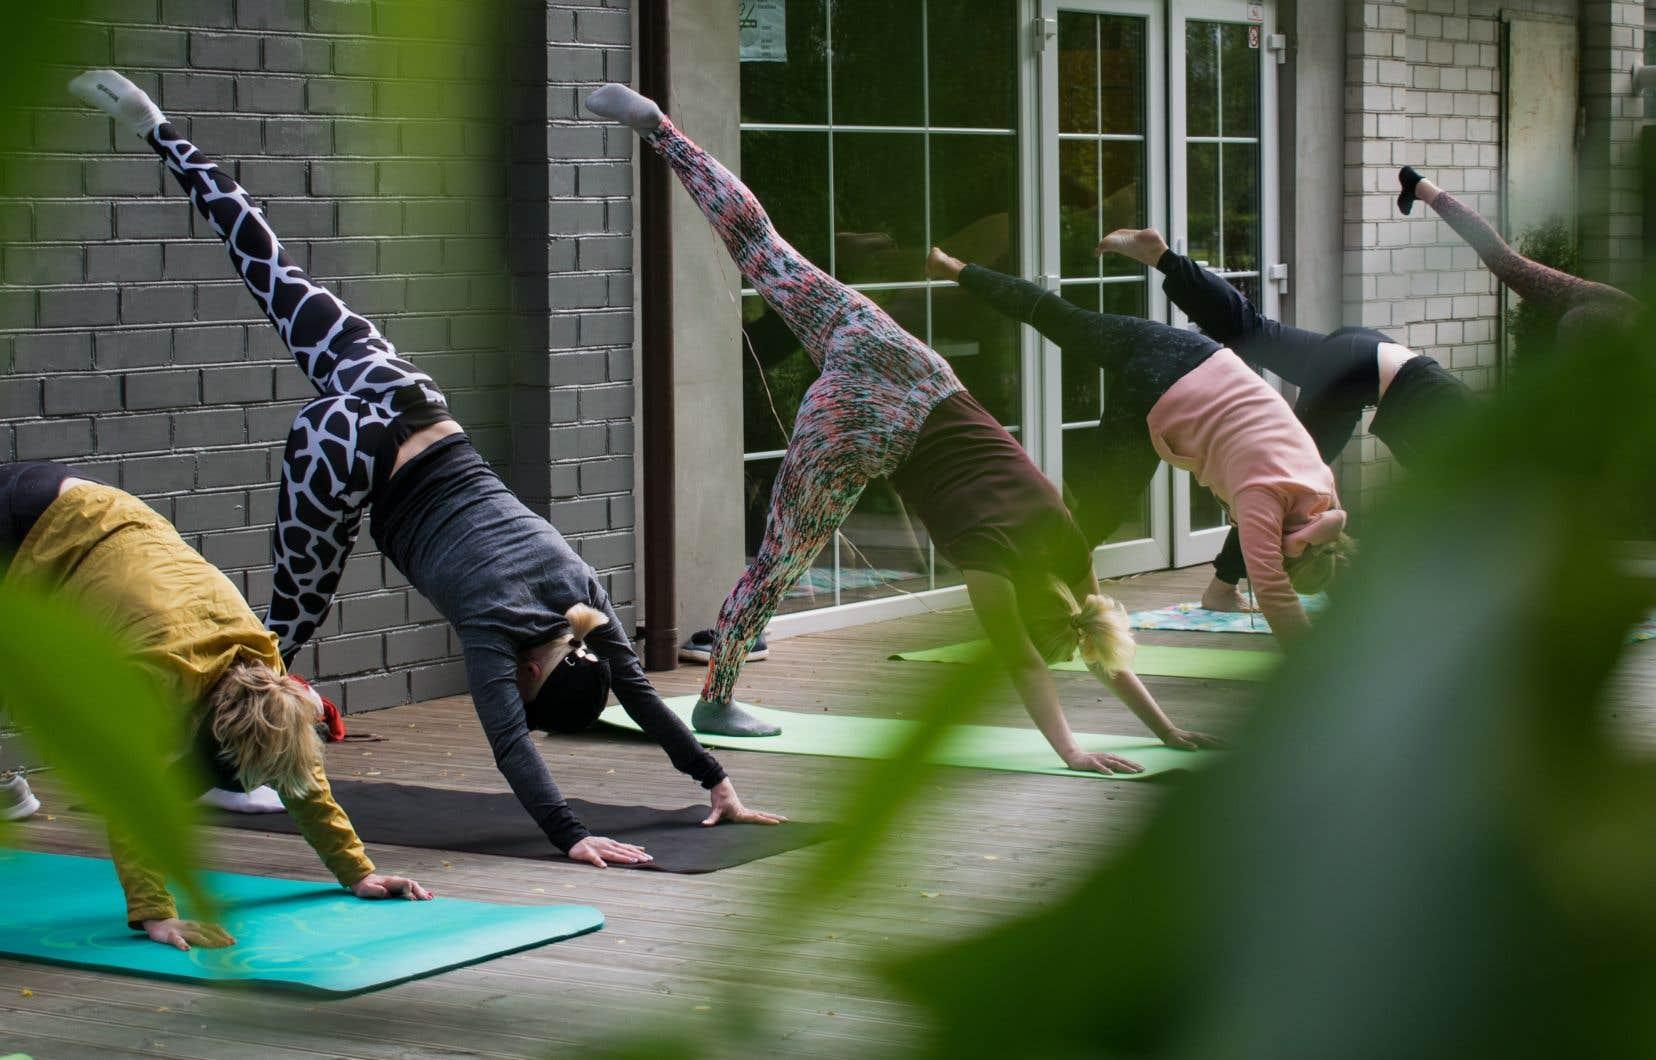 Pourquoi autant de moments magiques se vivent-ils dans les retraites de yoga? s'interroge l'autrice.